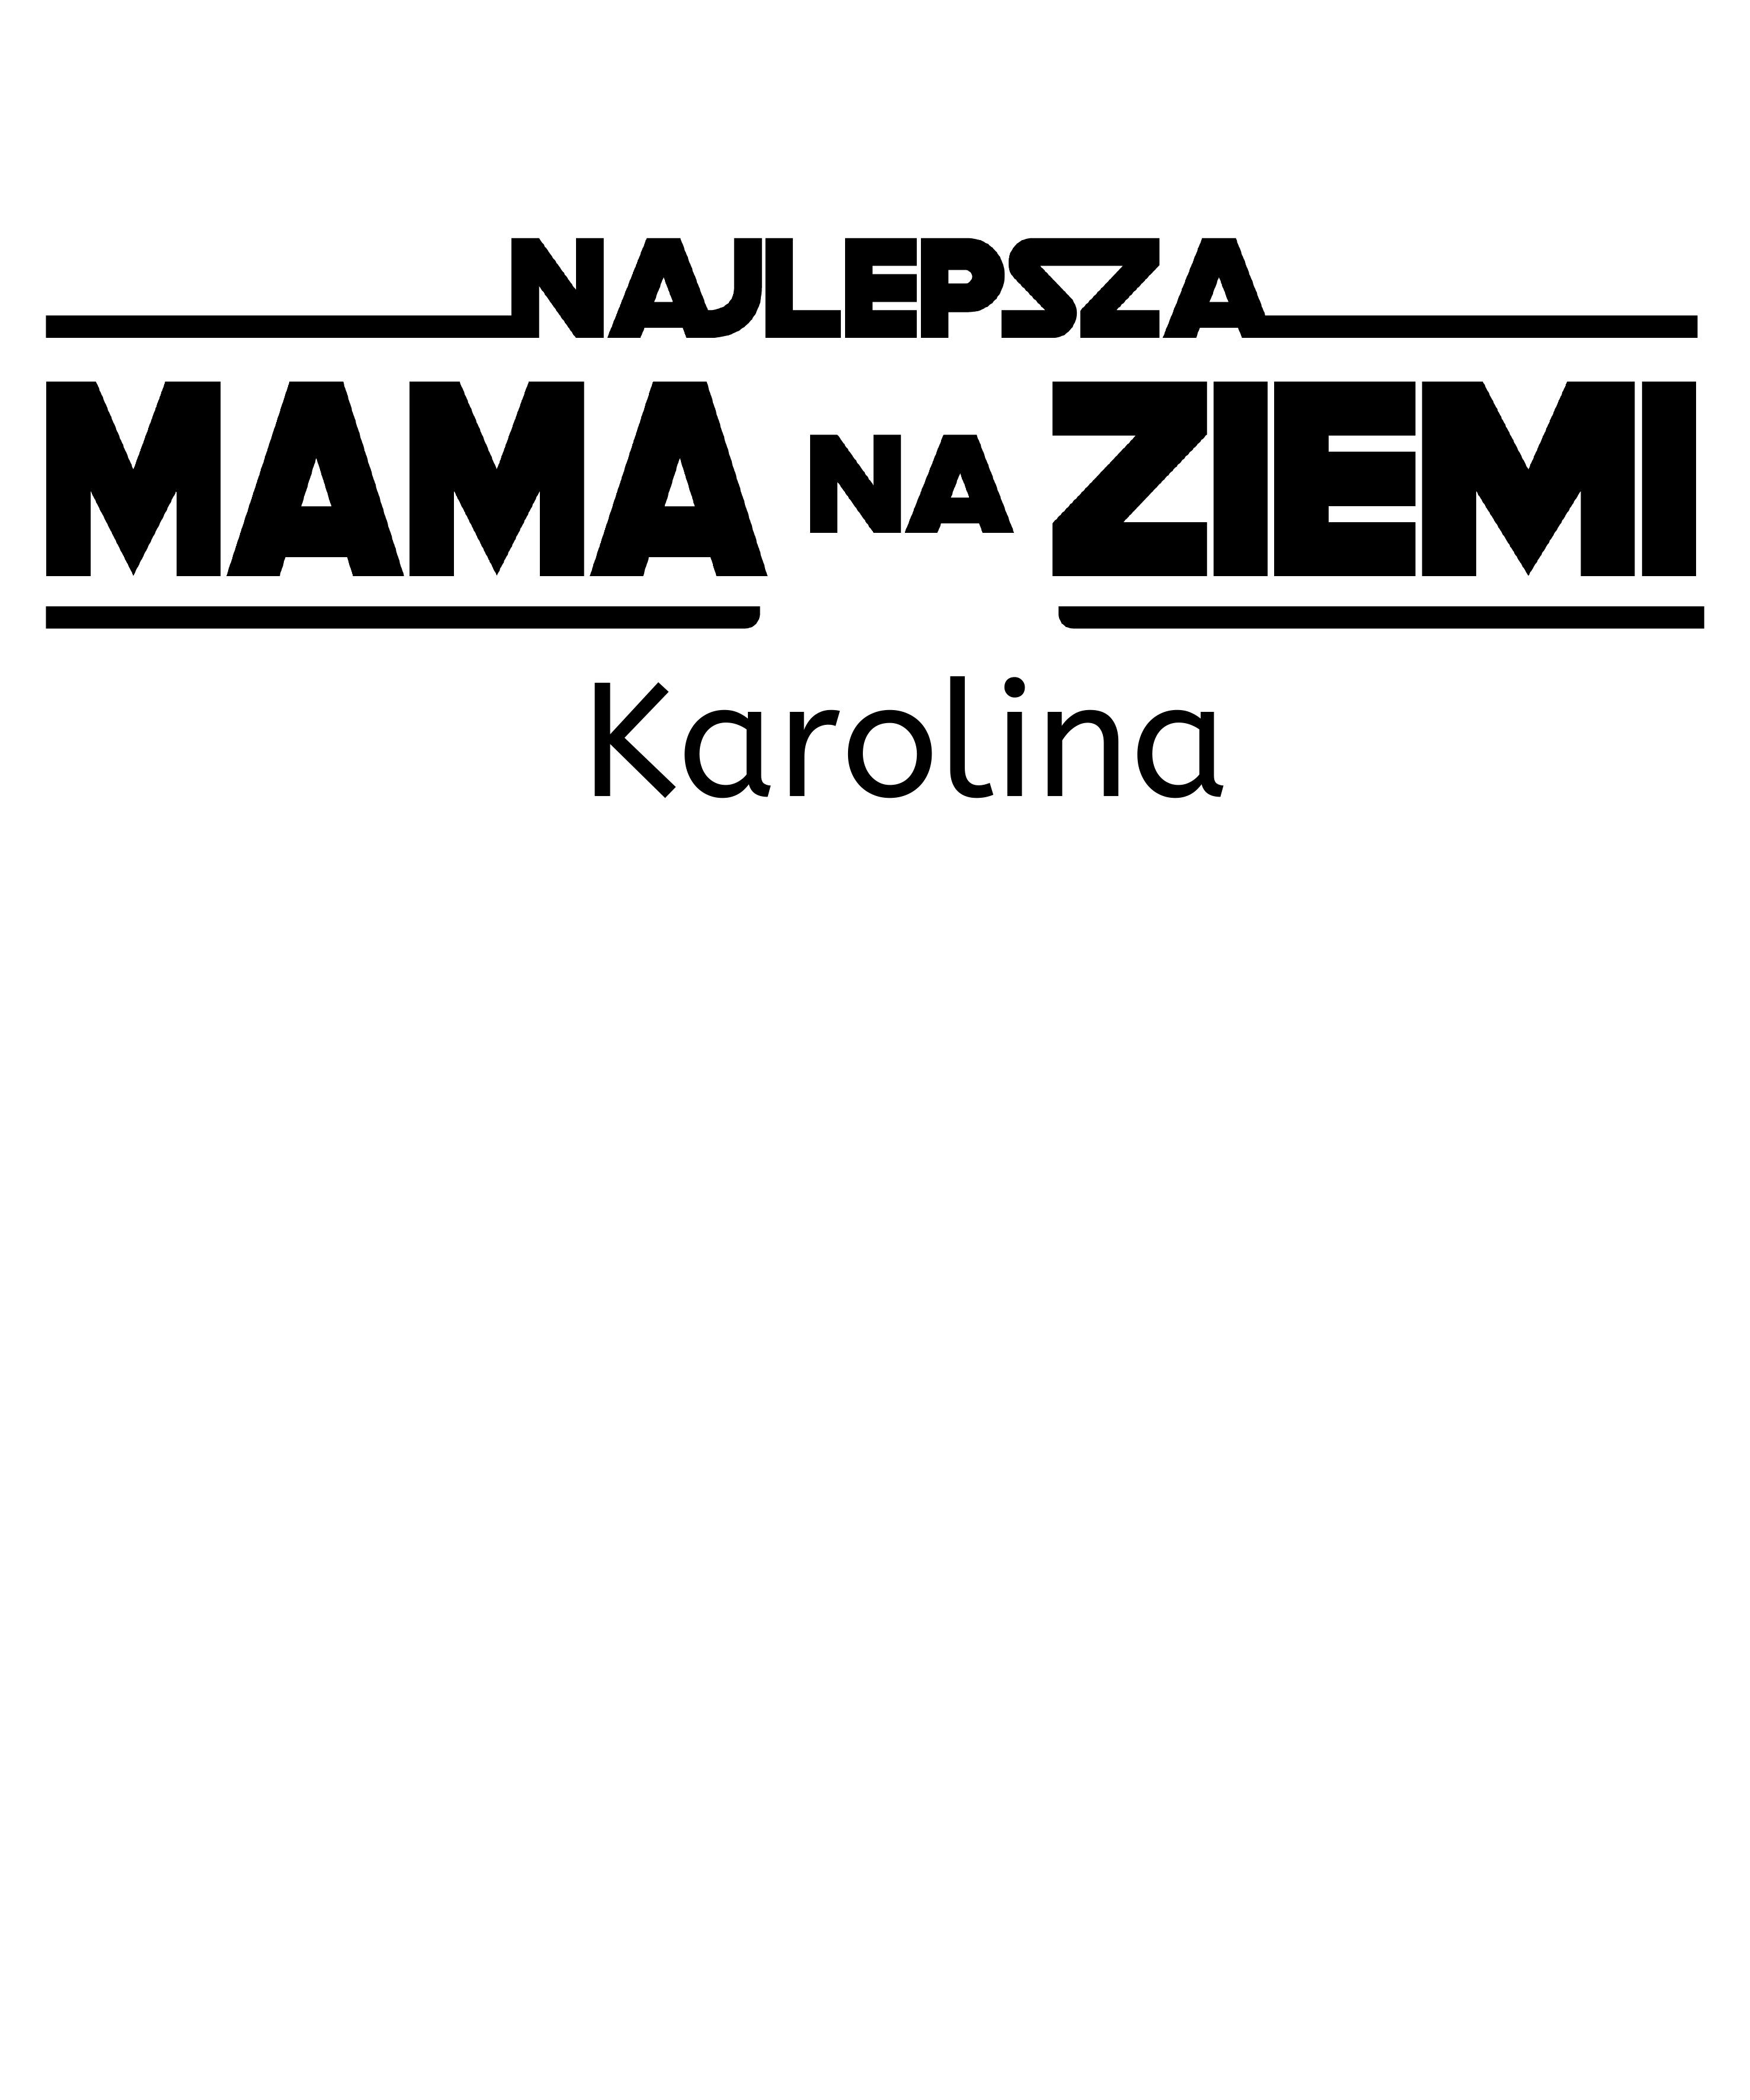 Rozmiar XL - koszulka damska z własnym nadrukiem - Najlepsza mama na ziemi